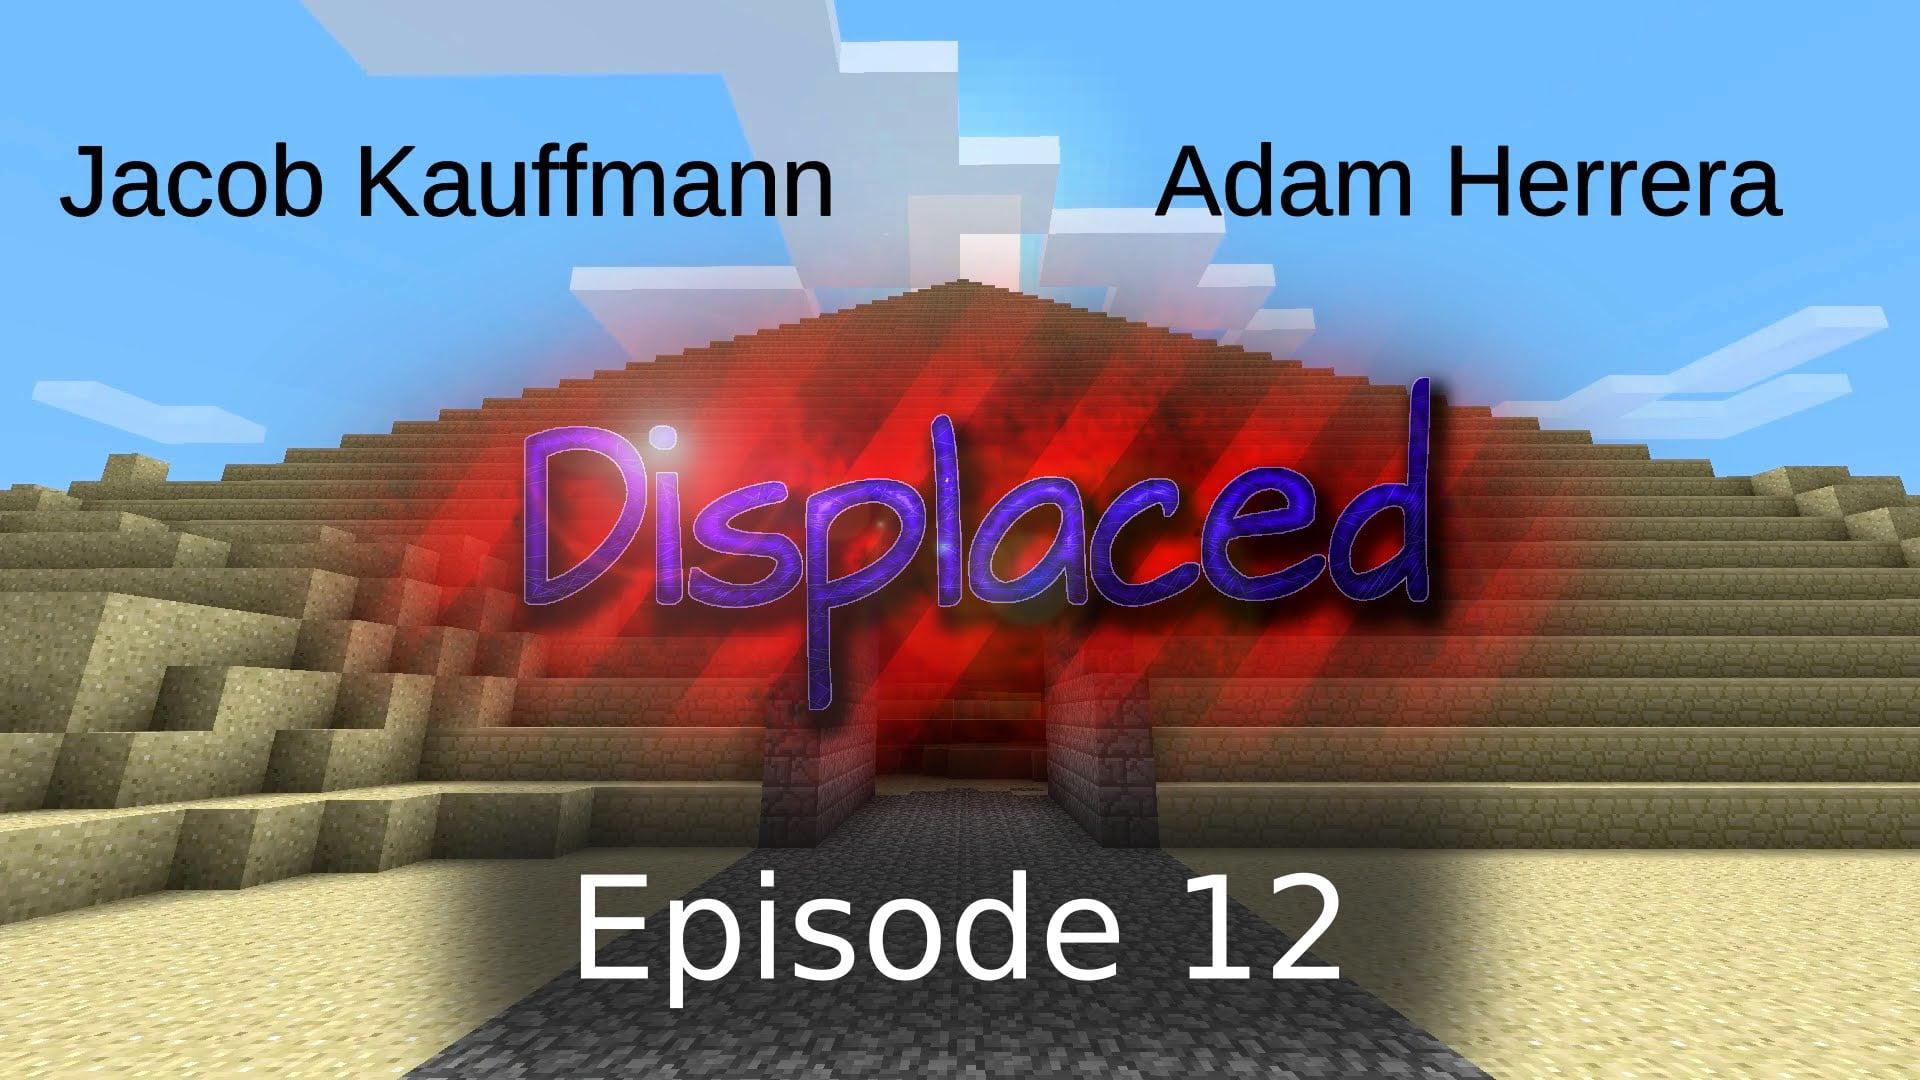 Episode 12 - Displaced